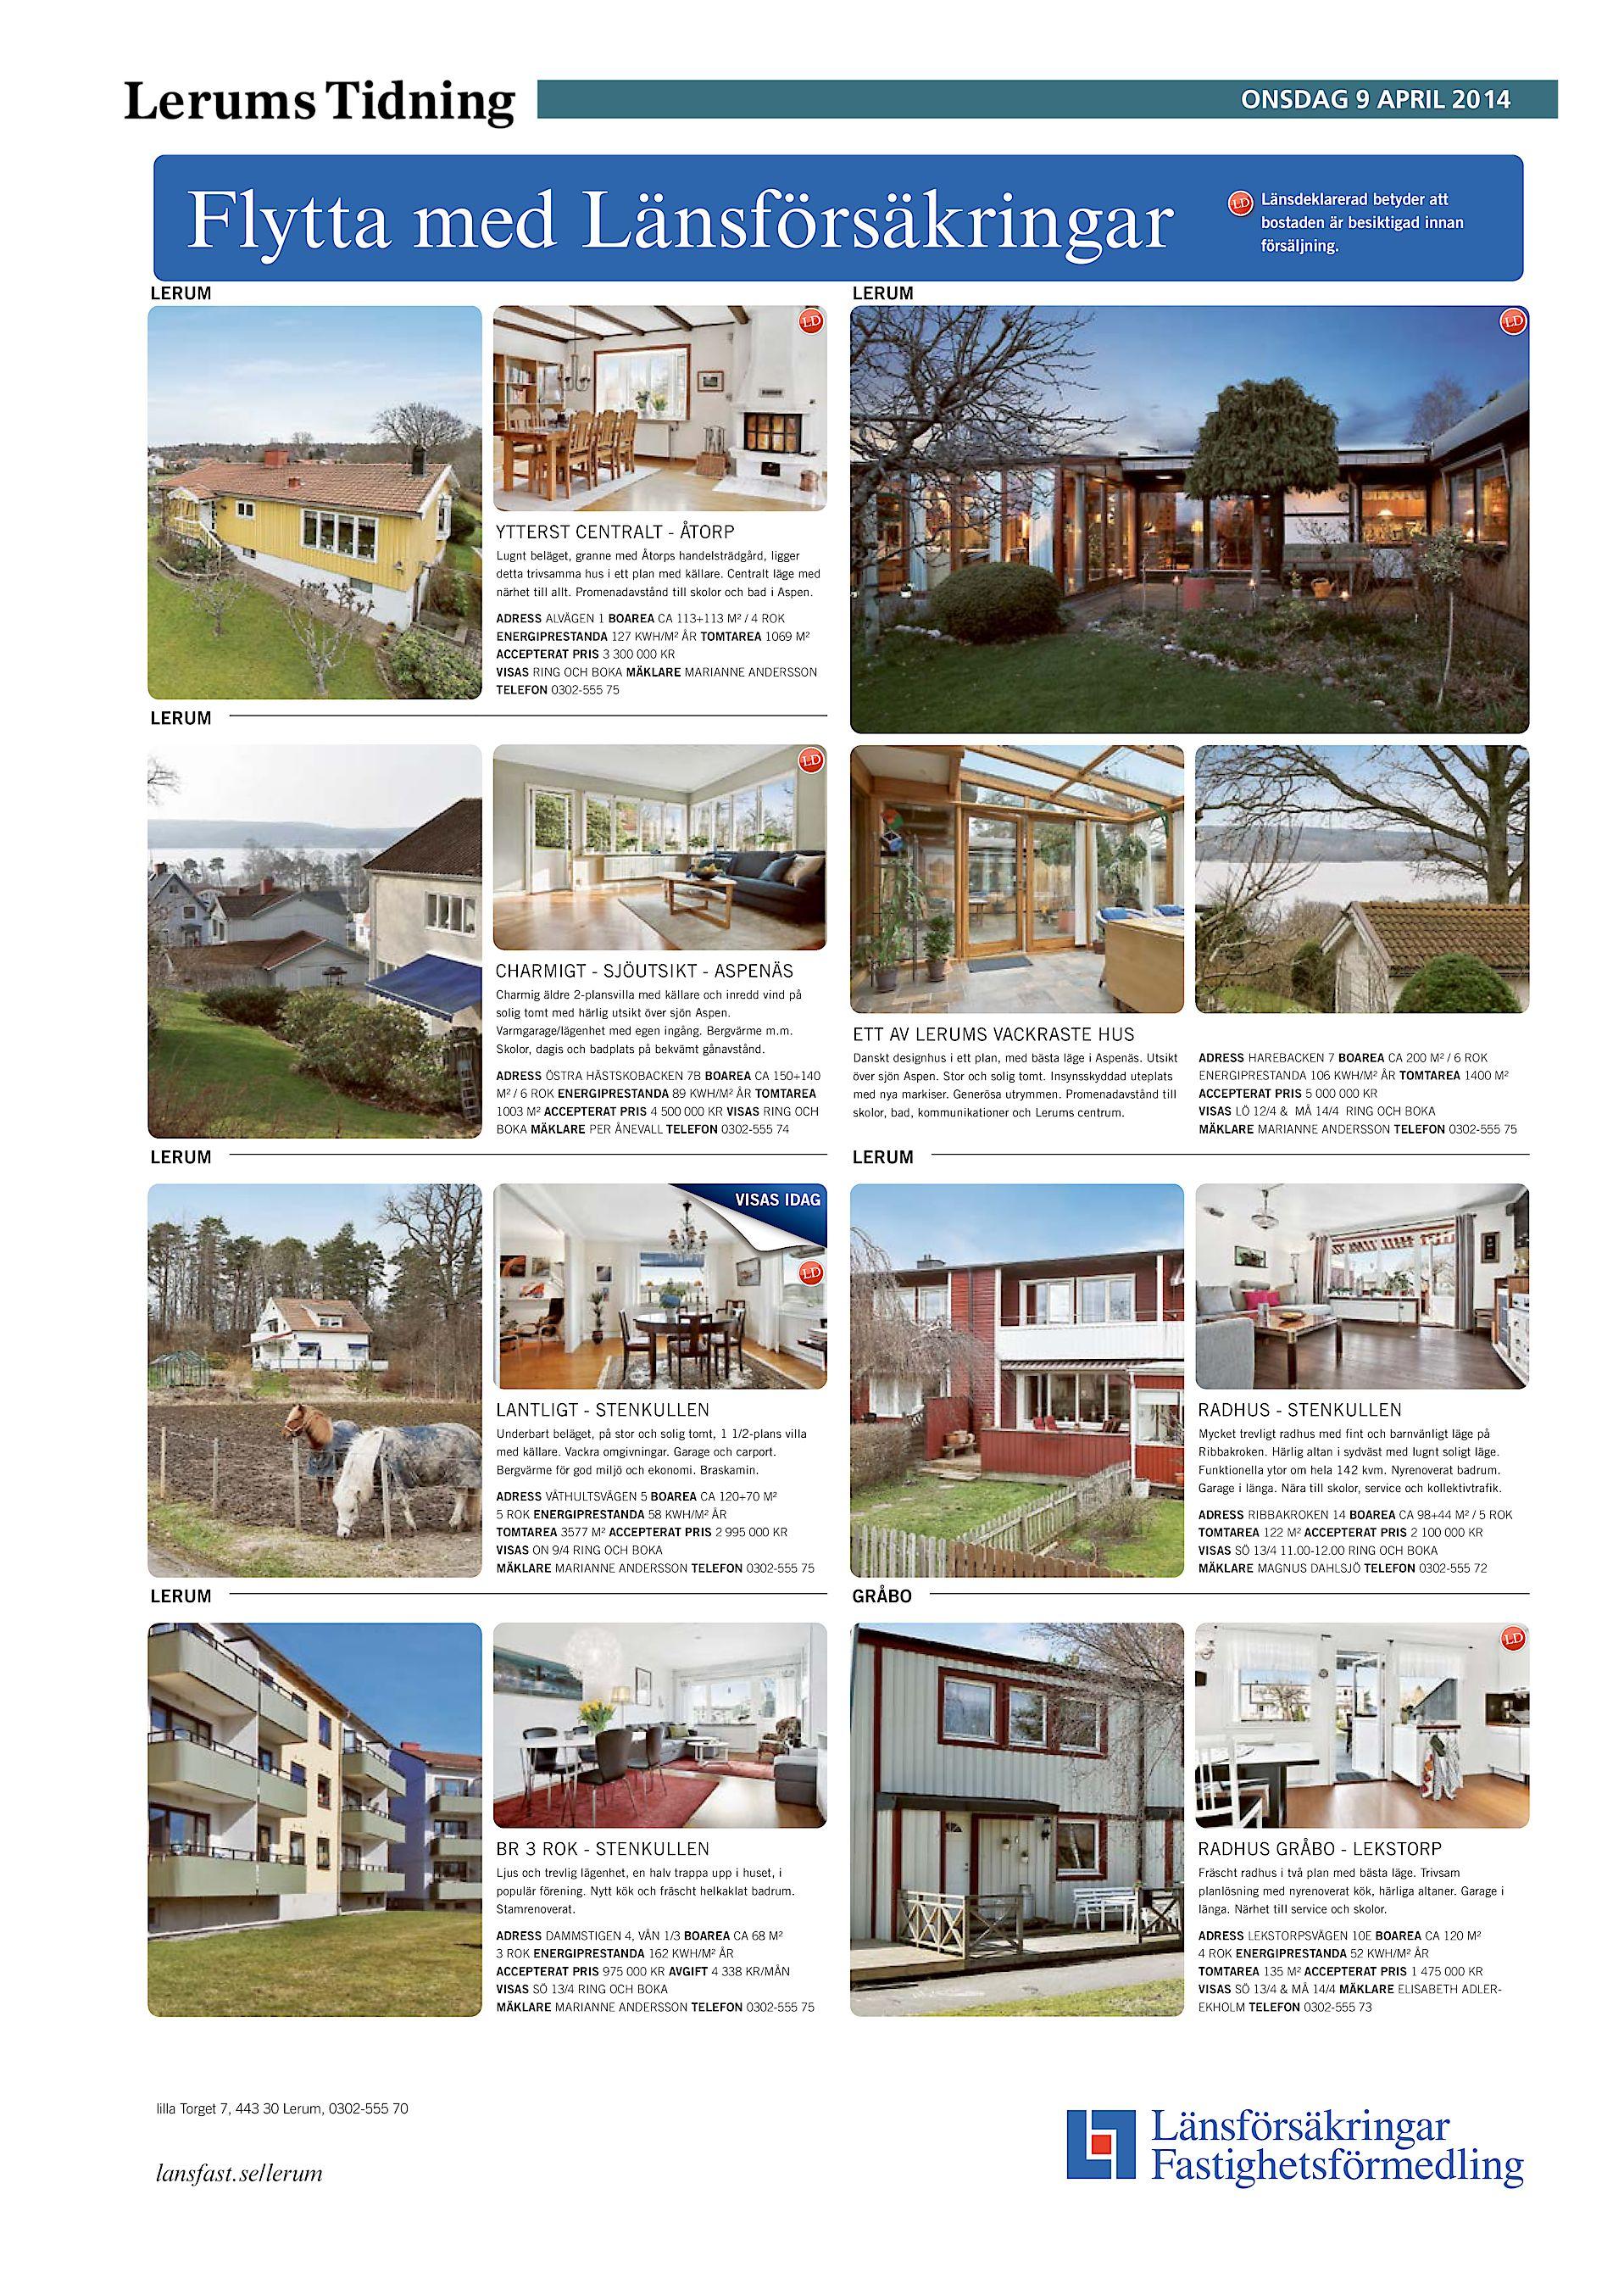 ebef8bdacad Lerums Tidning ONSDAG 9 APRIL 20 14 Flytta med Länsförsäkringar LERUM  Länsdeklarerad betyder att bostaden är besiktigad innan försäljning.